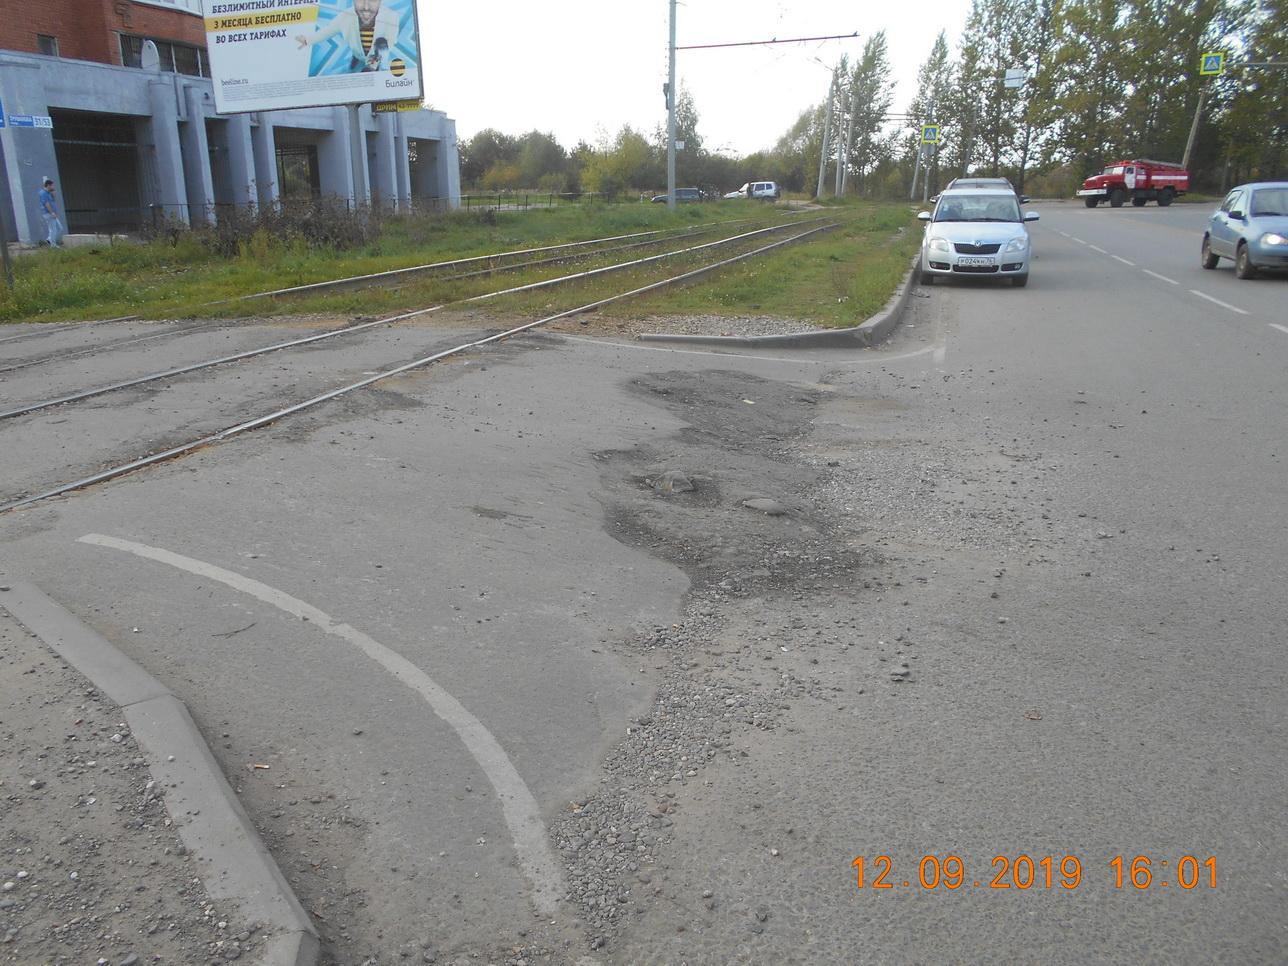 Прокуратура потребовала привести брагинские дороги в надлежащий вид